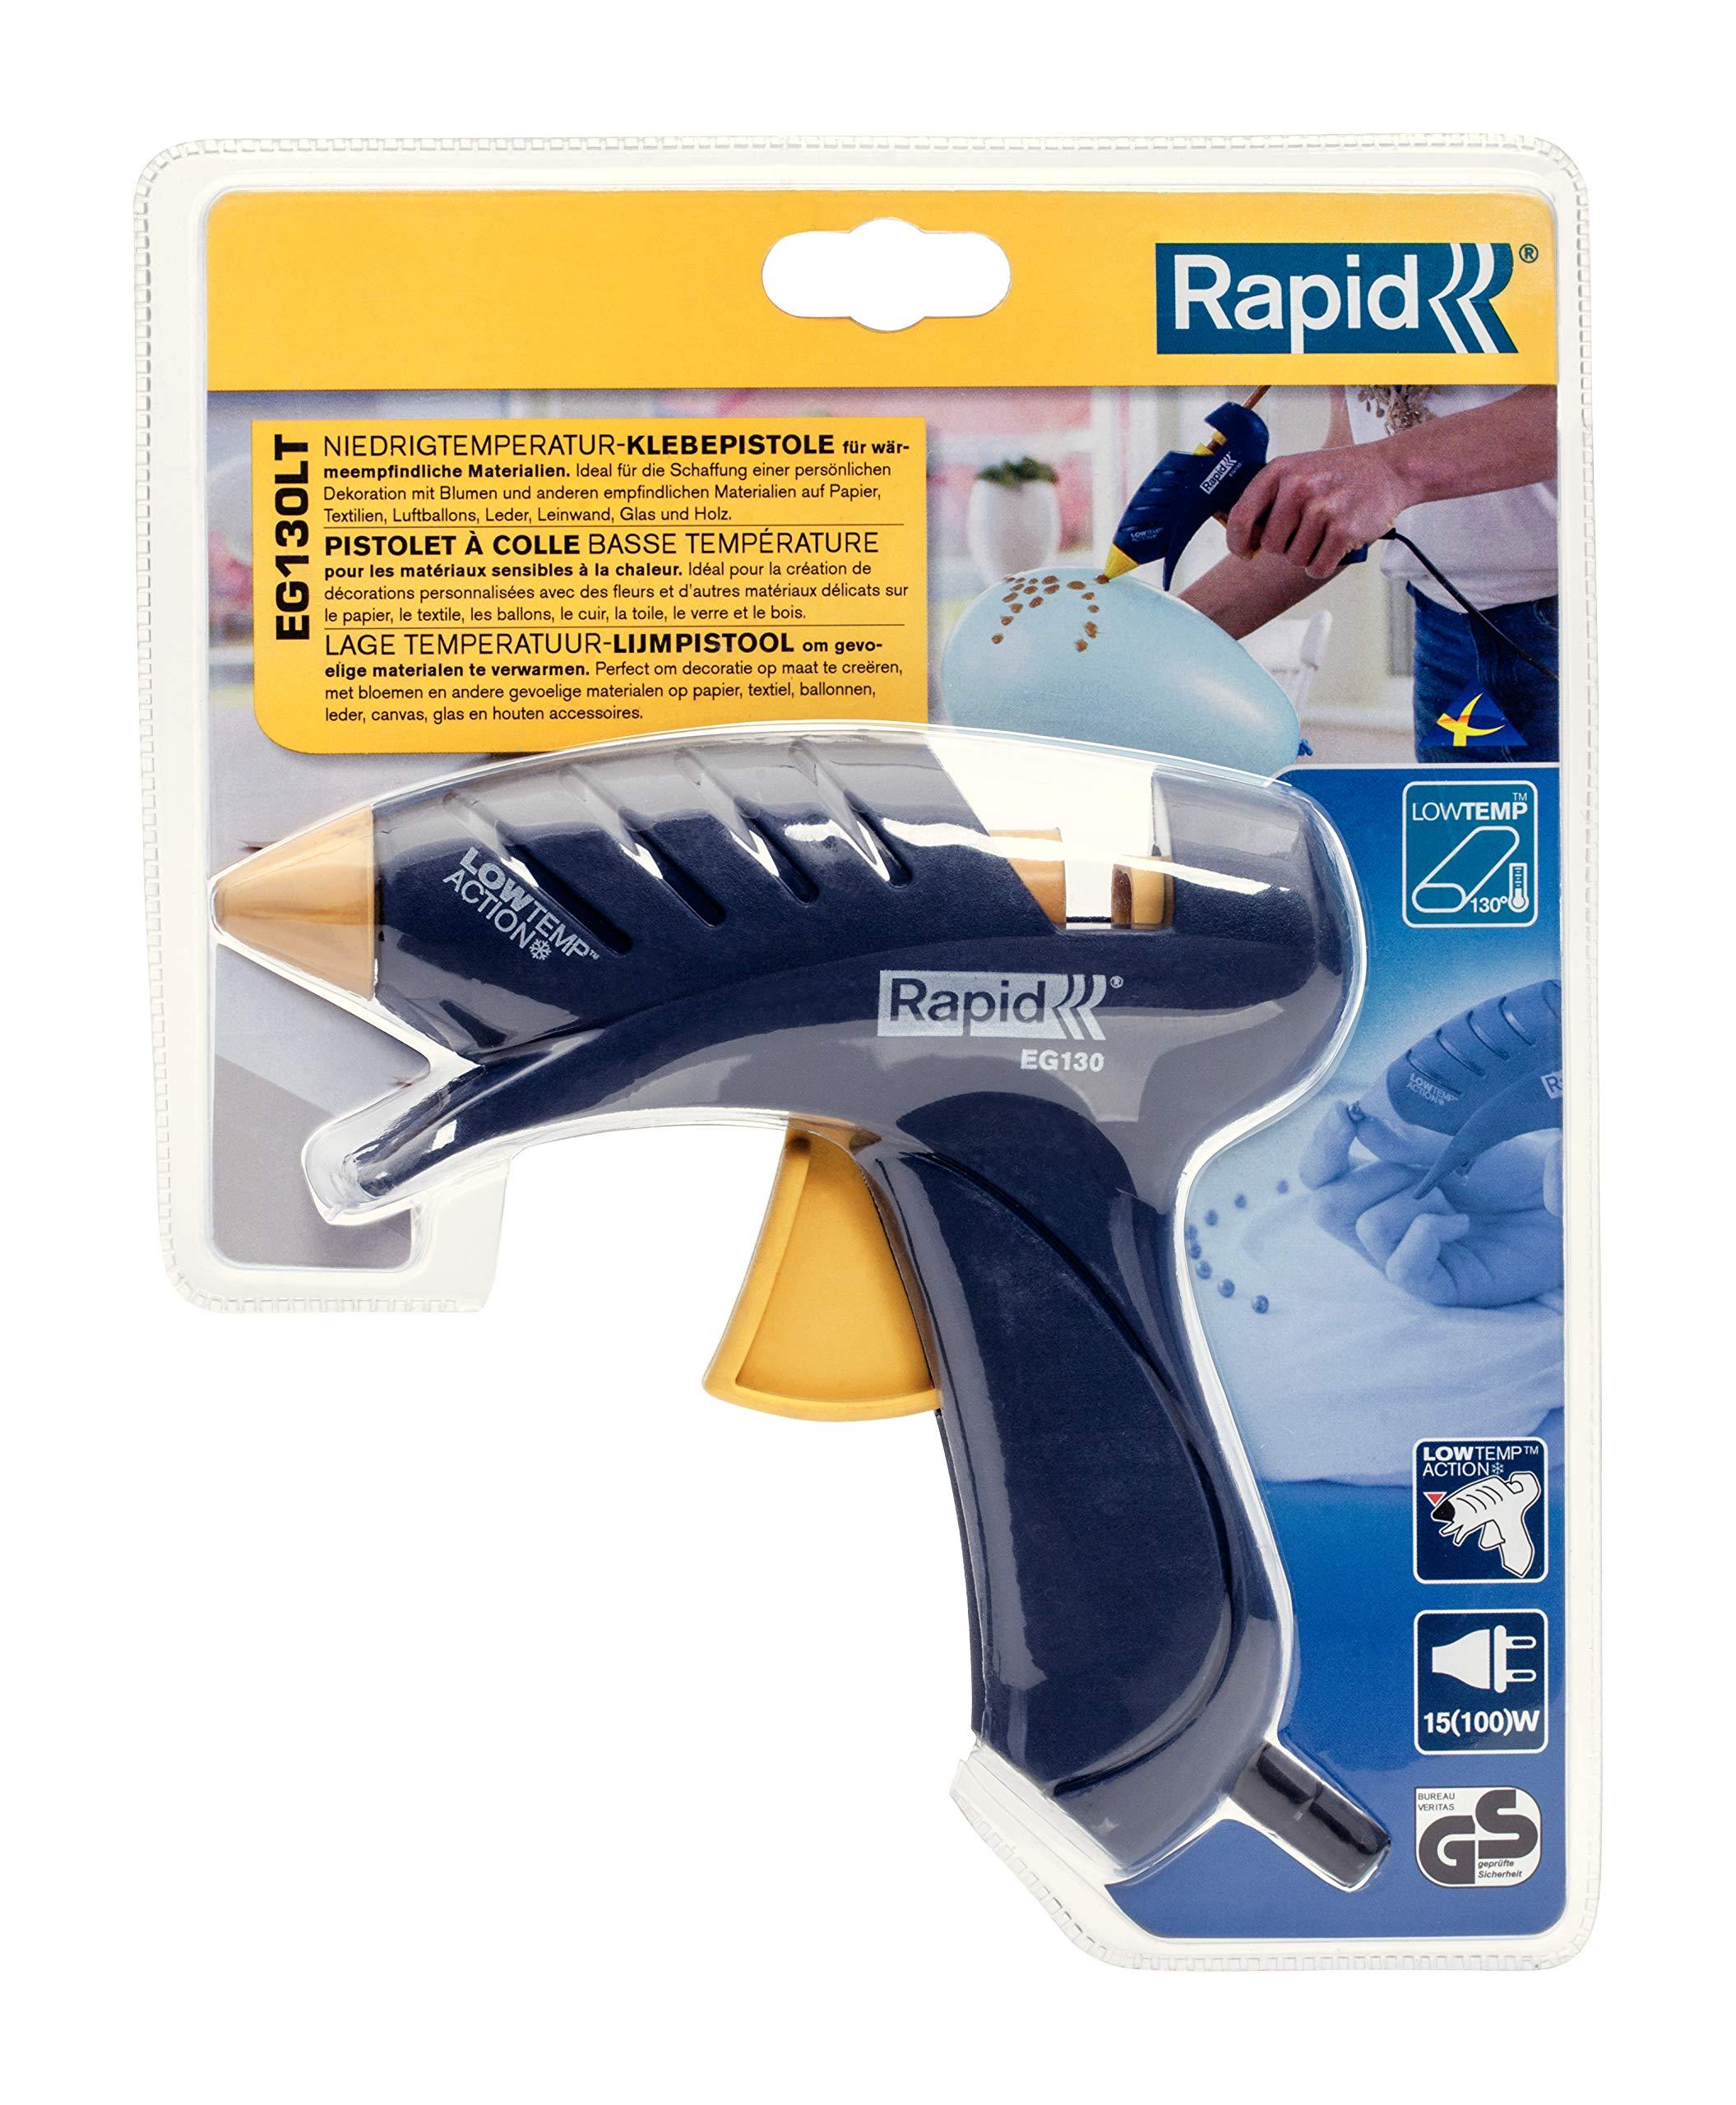 Rapid 5000435 Pistola de cola 15 W Azul Claro